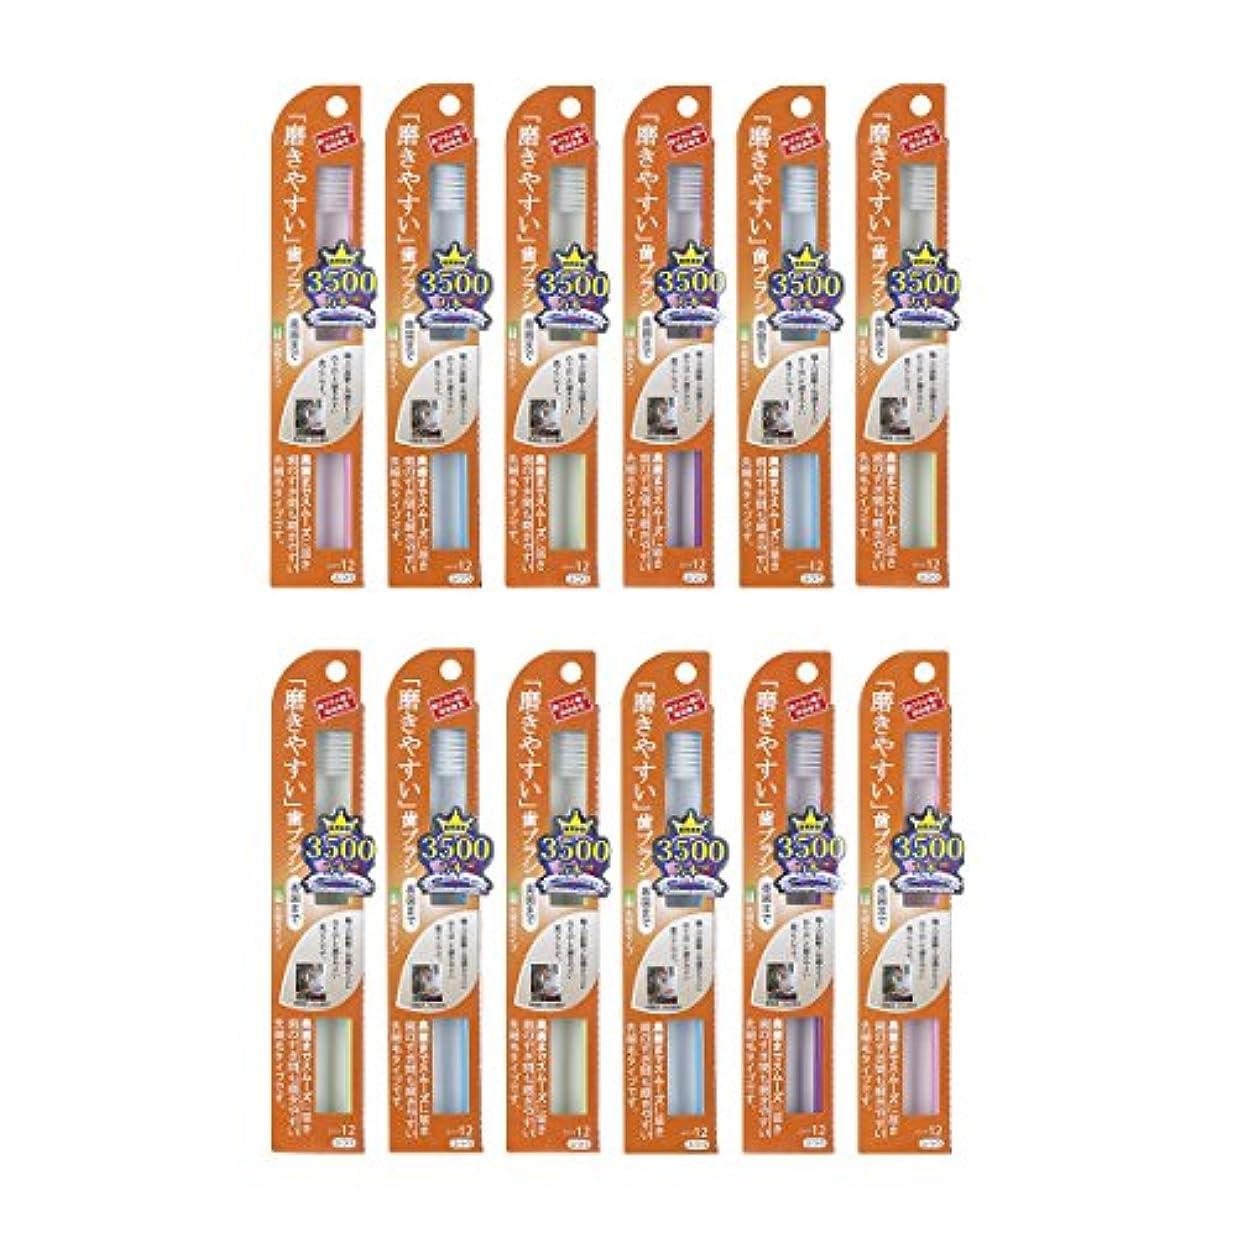 グラディスギャザー承認する歯ブラシ職人Artooth ®田辺重吉 日本製 磨きやすい歯ブラシ(奥歯まで)先細毛タイプ LT-12 (12本パック)